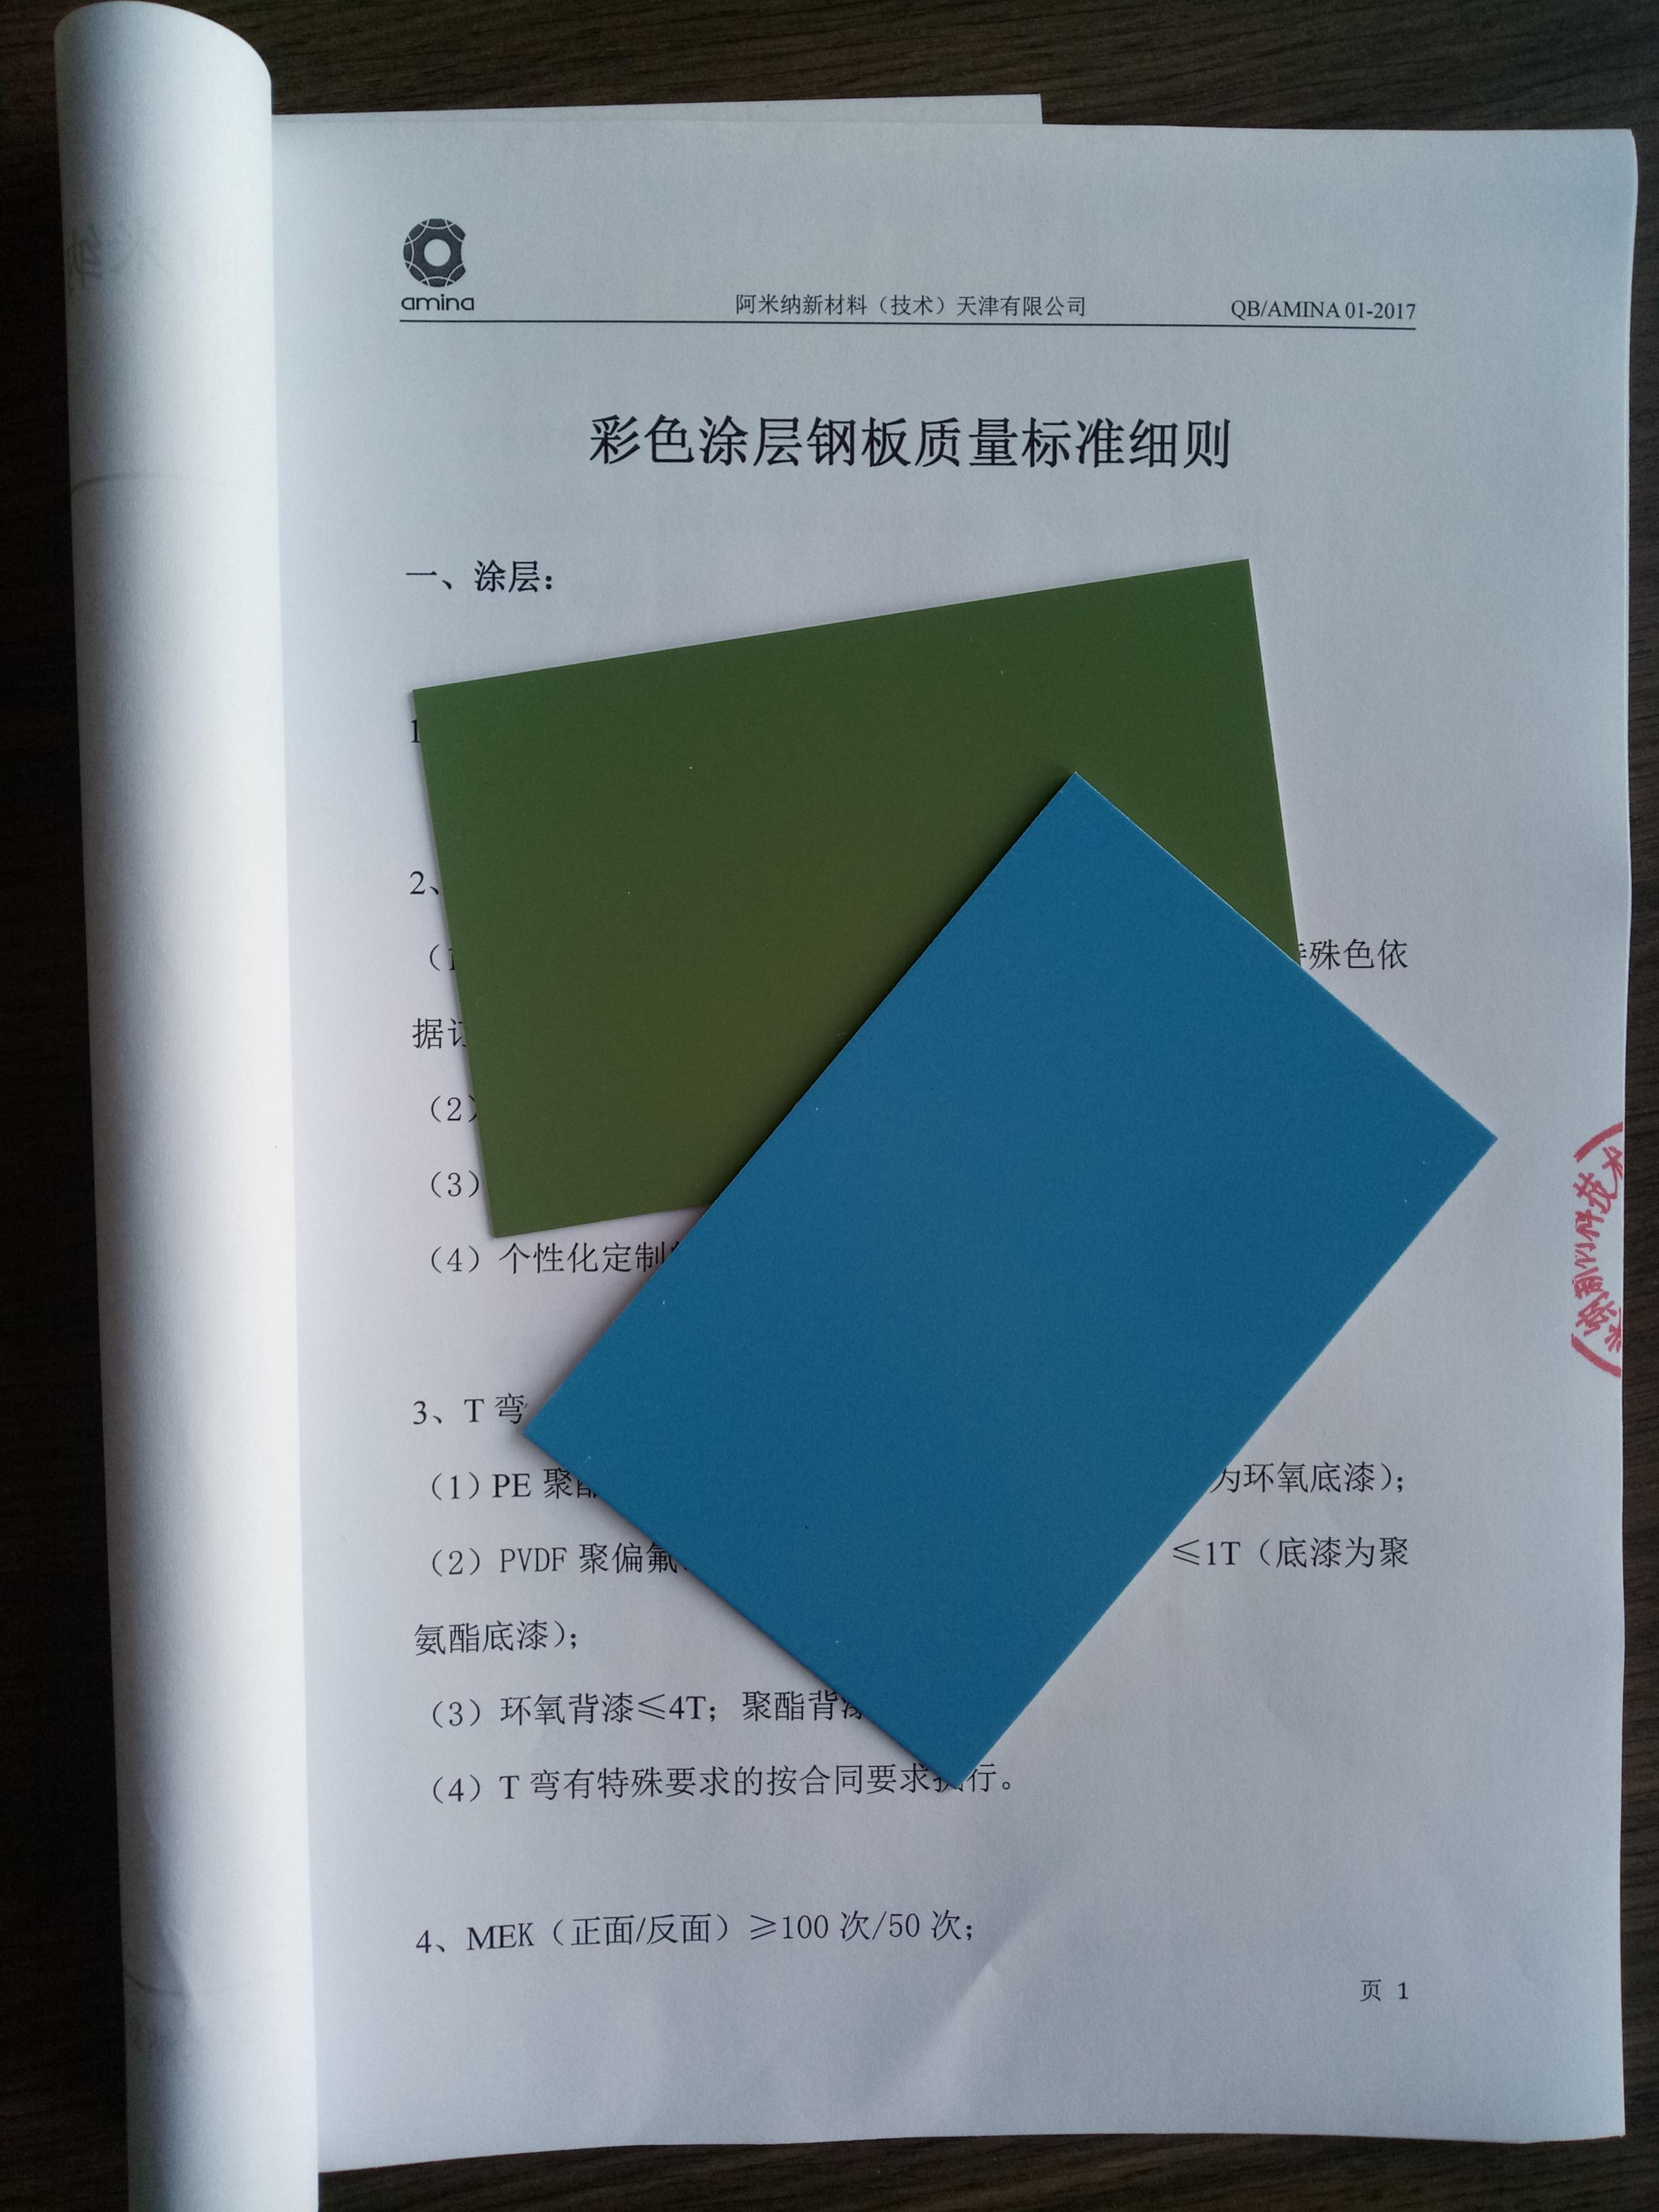 彩涂卷 彩涂板 彩钢卷压瓦掉漆的原因及其解决办法